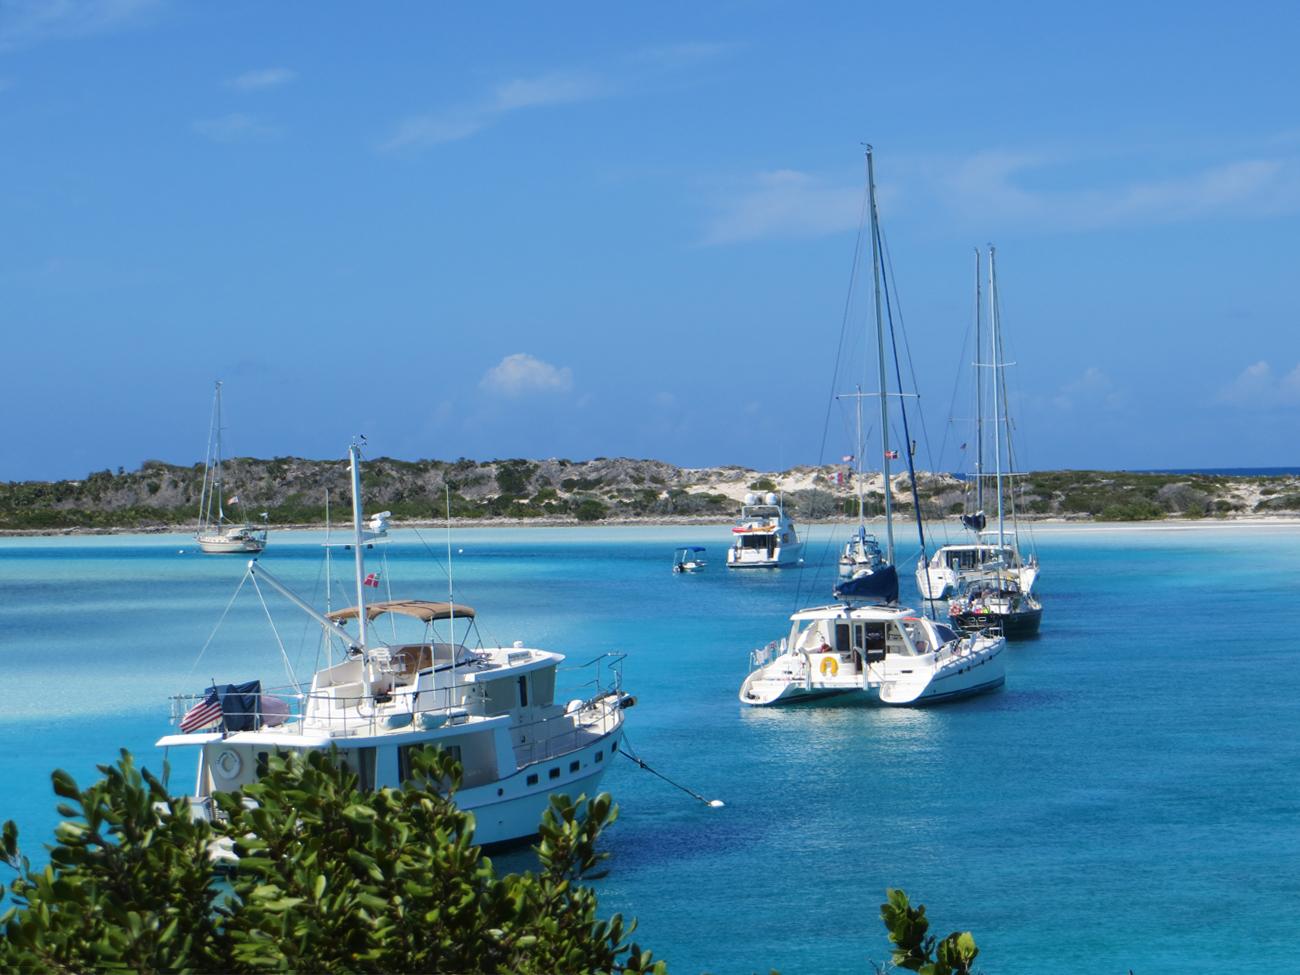 Noleggio Barche Waderick Wells Cay - Navalia | Noleggia un Sogno